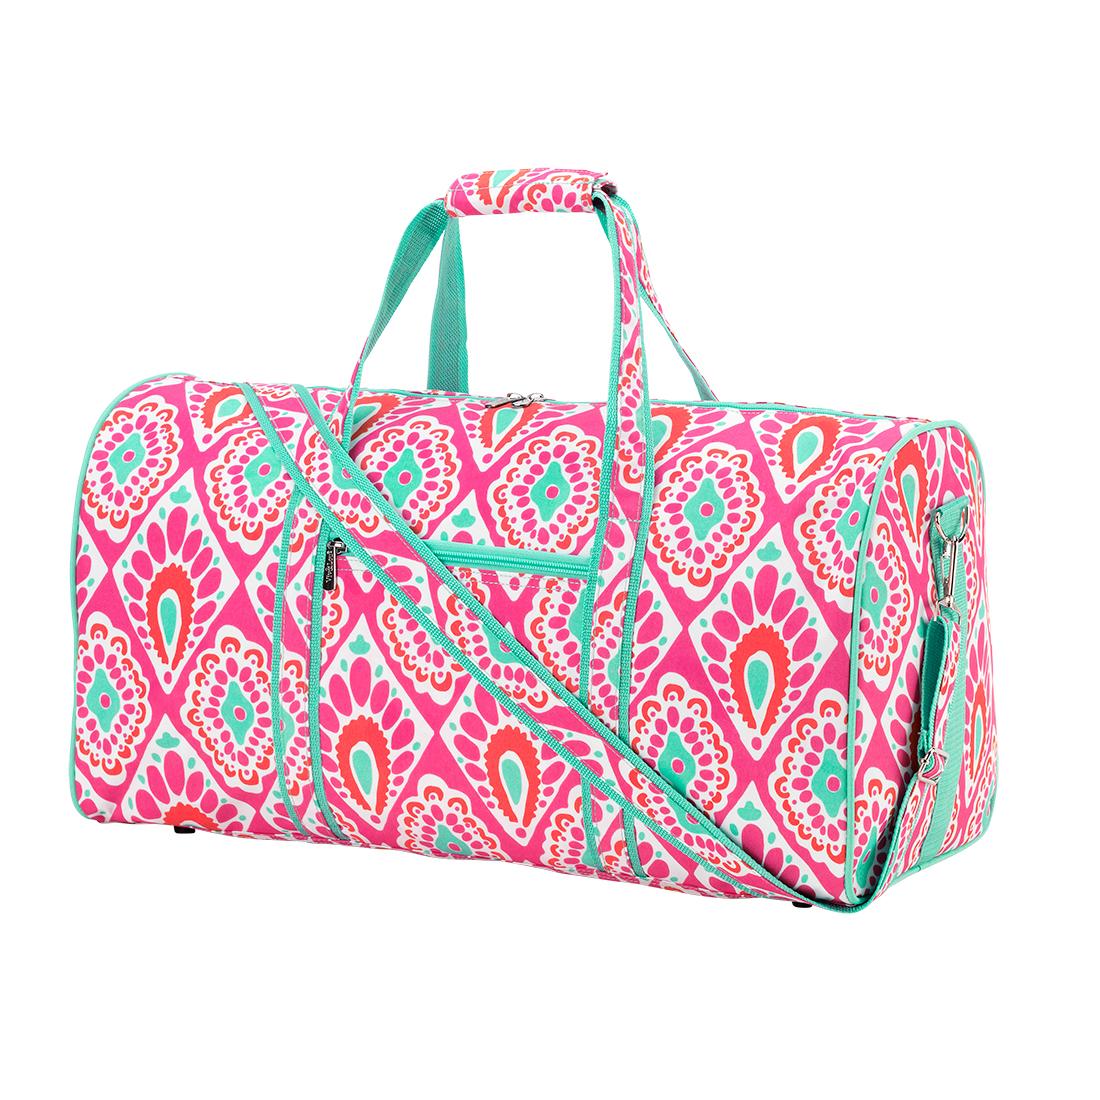 5ebbbf99b428 Add to My Lists. Girls Duffel Bag